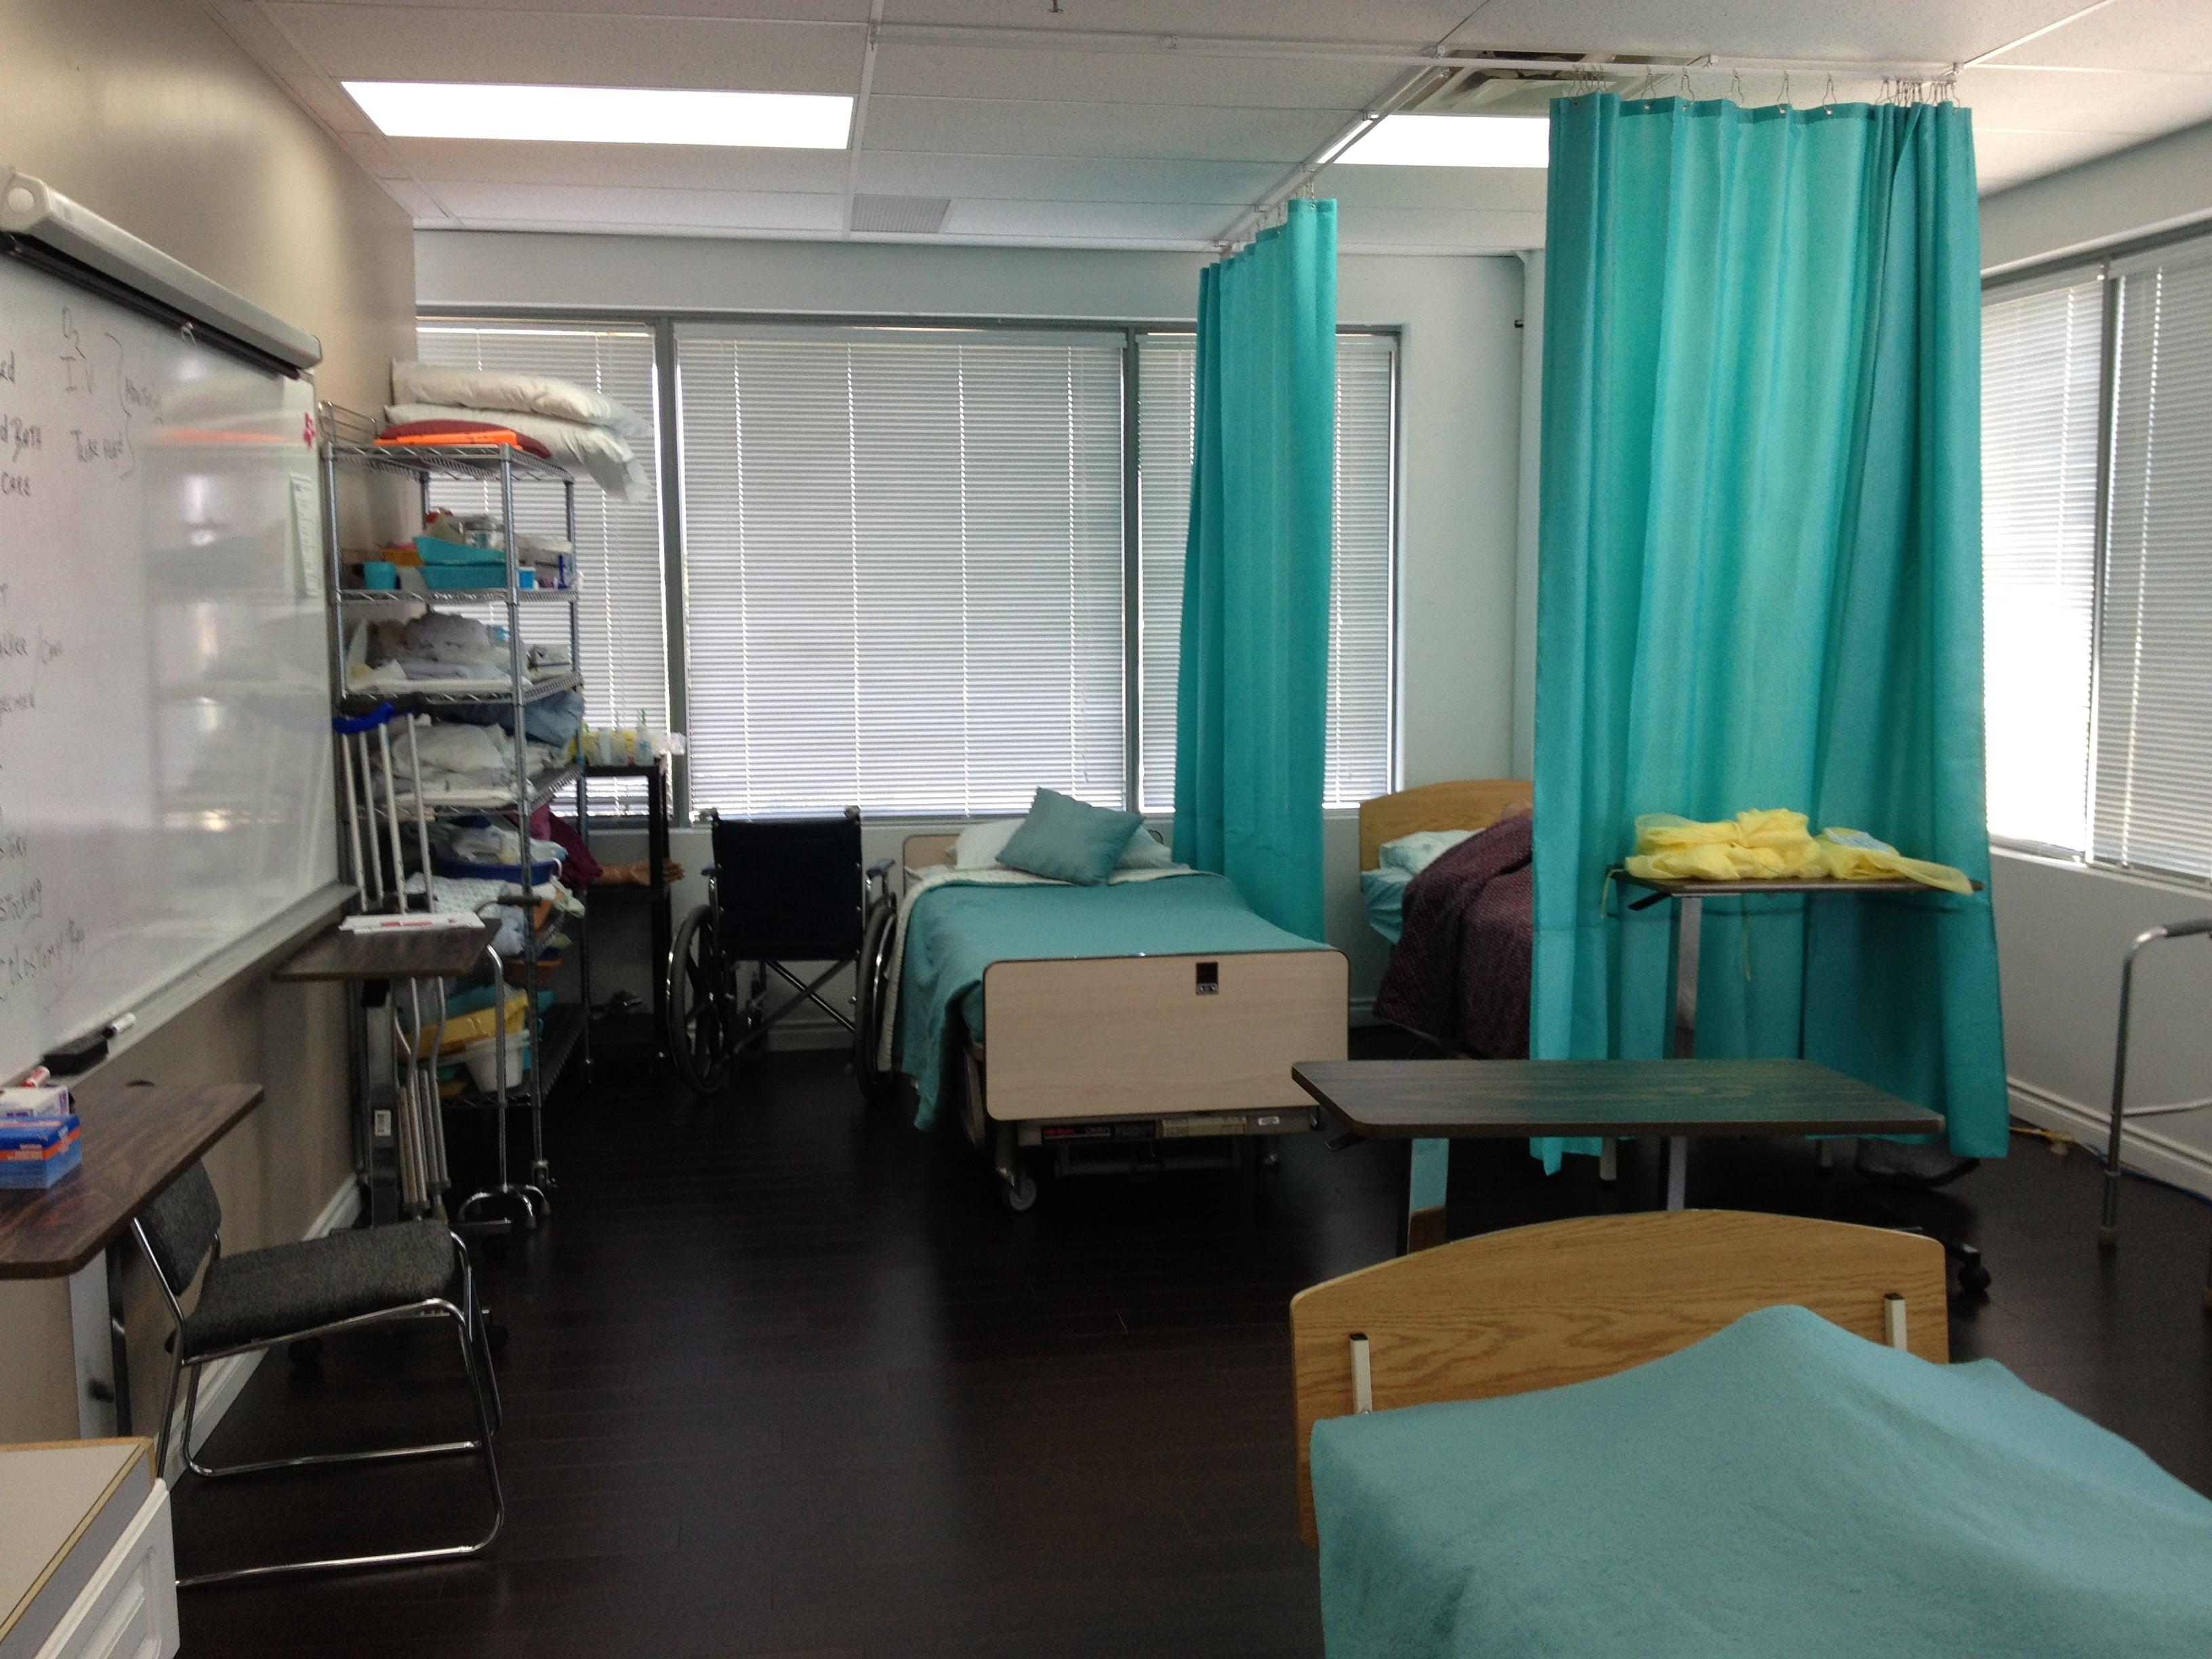 sprott shaw college maple ridge campus practical nursing lab